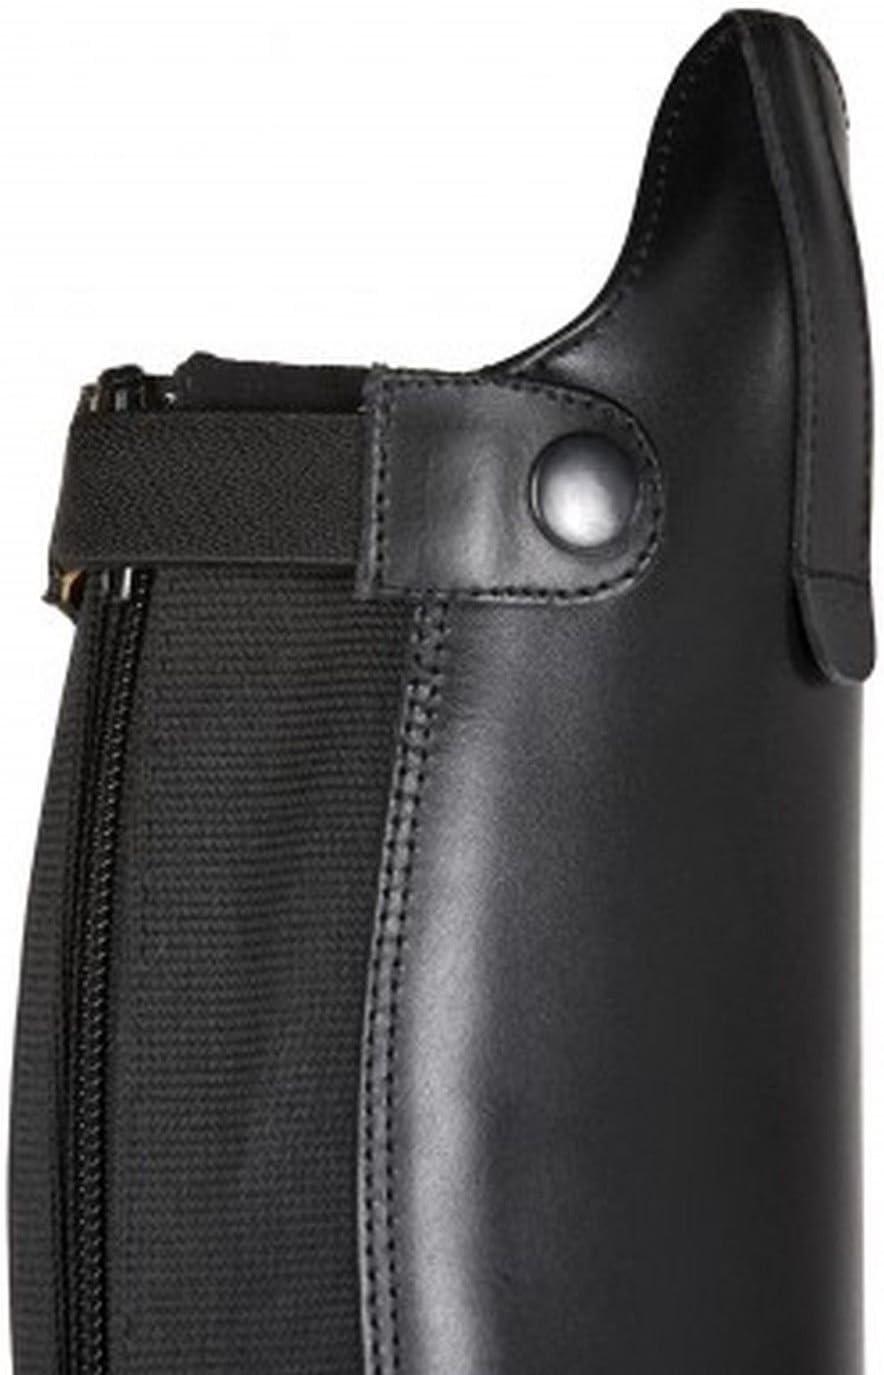 auch in Kindergr/ö/ßen erh/ältlich SUEDWIND FOOTWEAR Chap /»Comfort FIT/« Eleganter Stiefelschaft aus Rindleder Farben Schwarz /& Braun Reitschaft mit robustem Leder und Innenleder